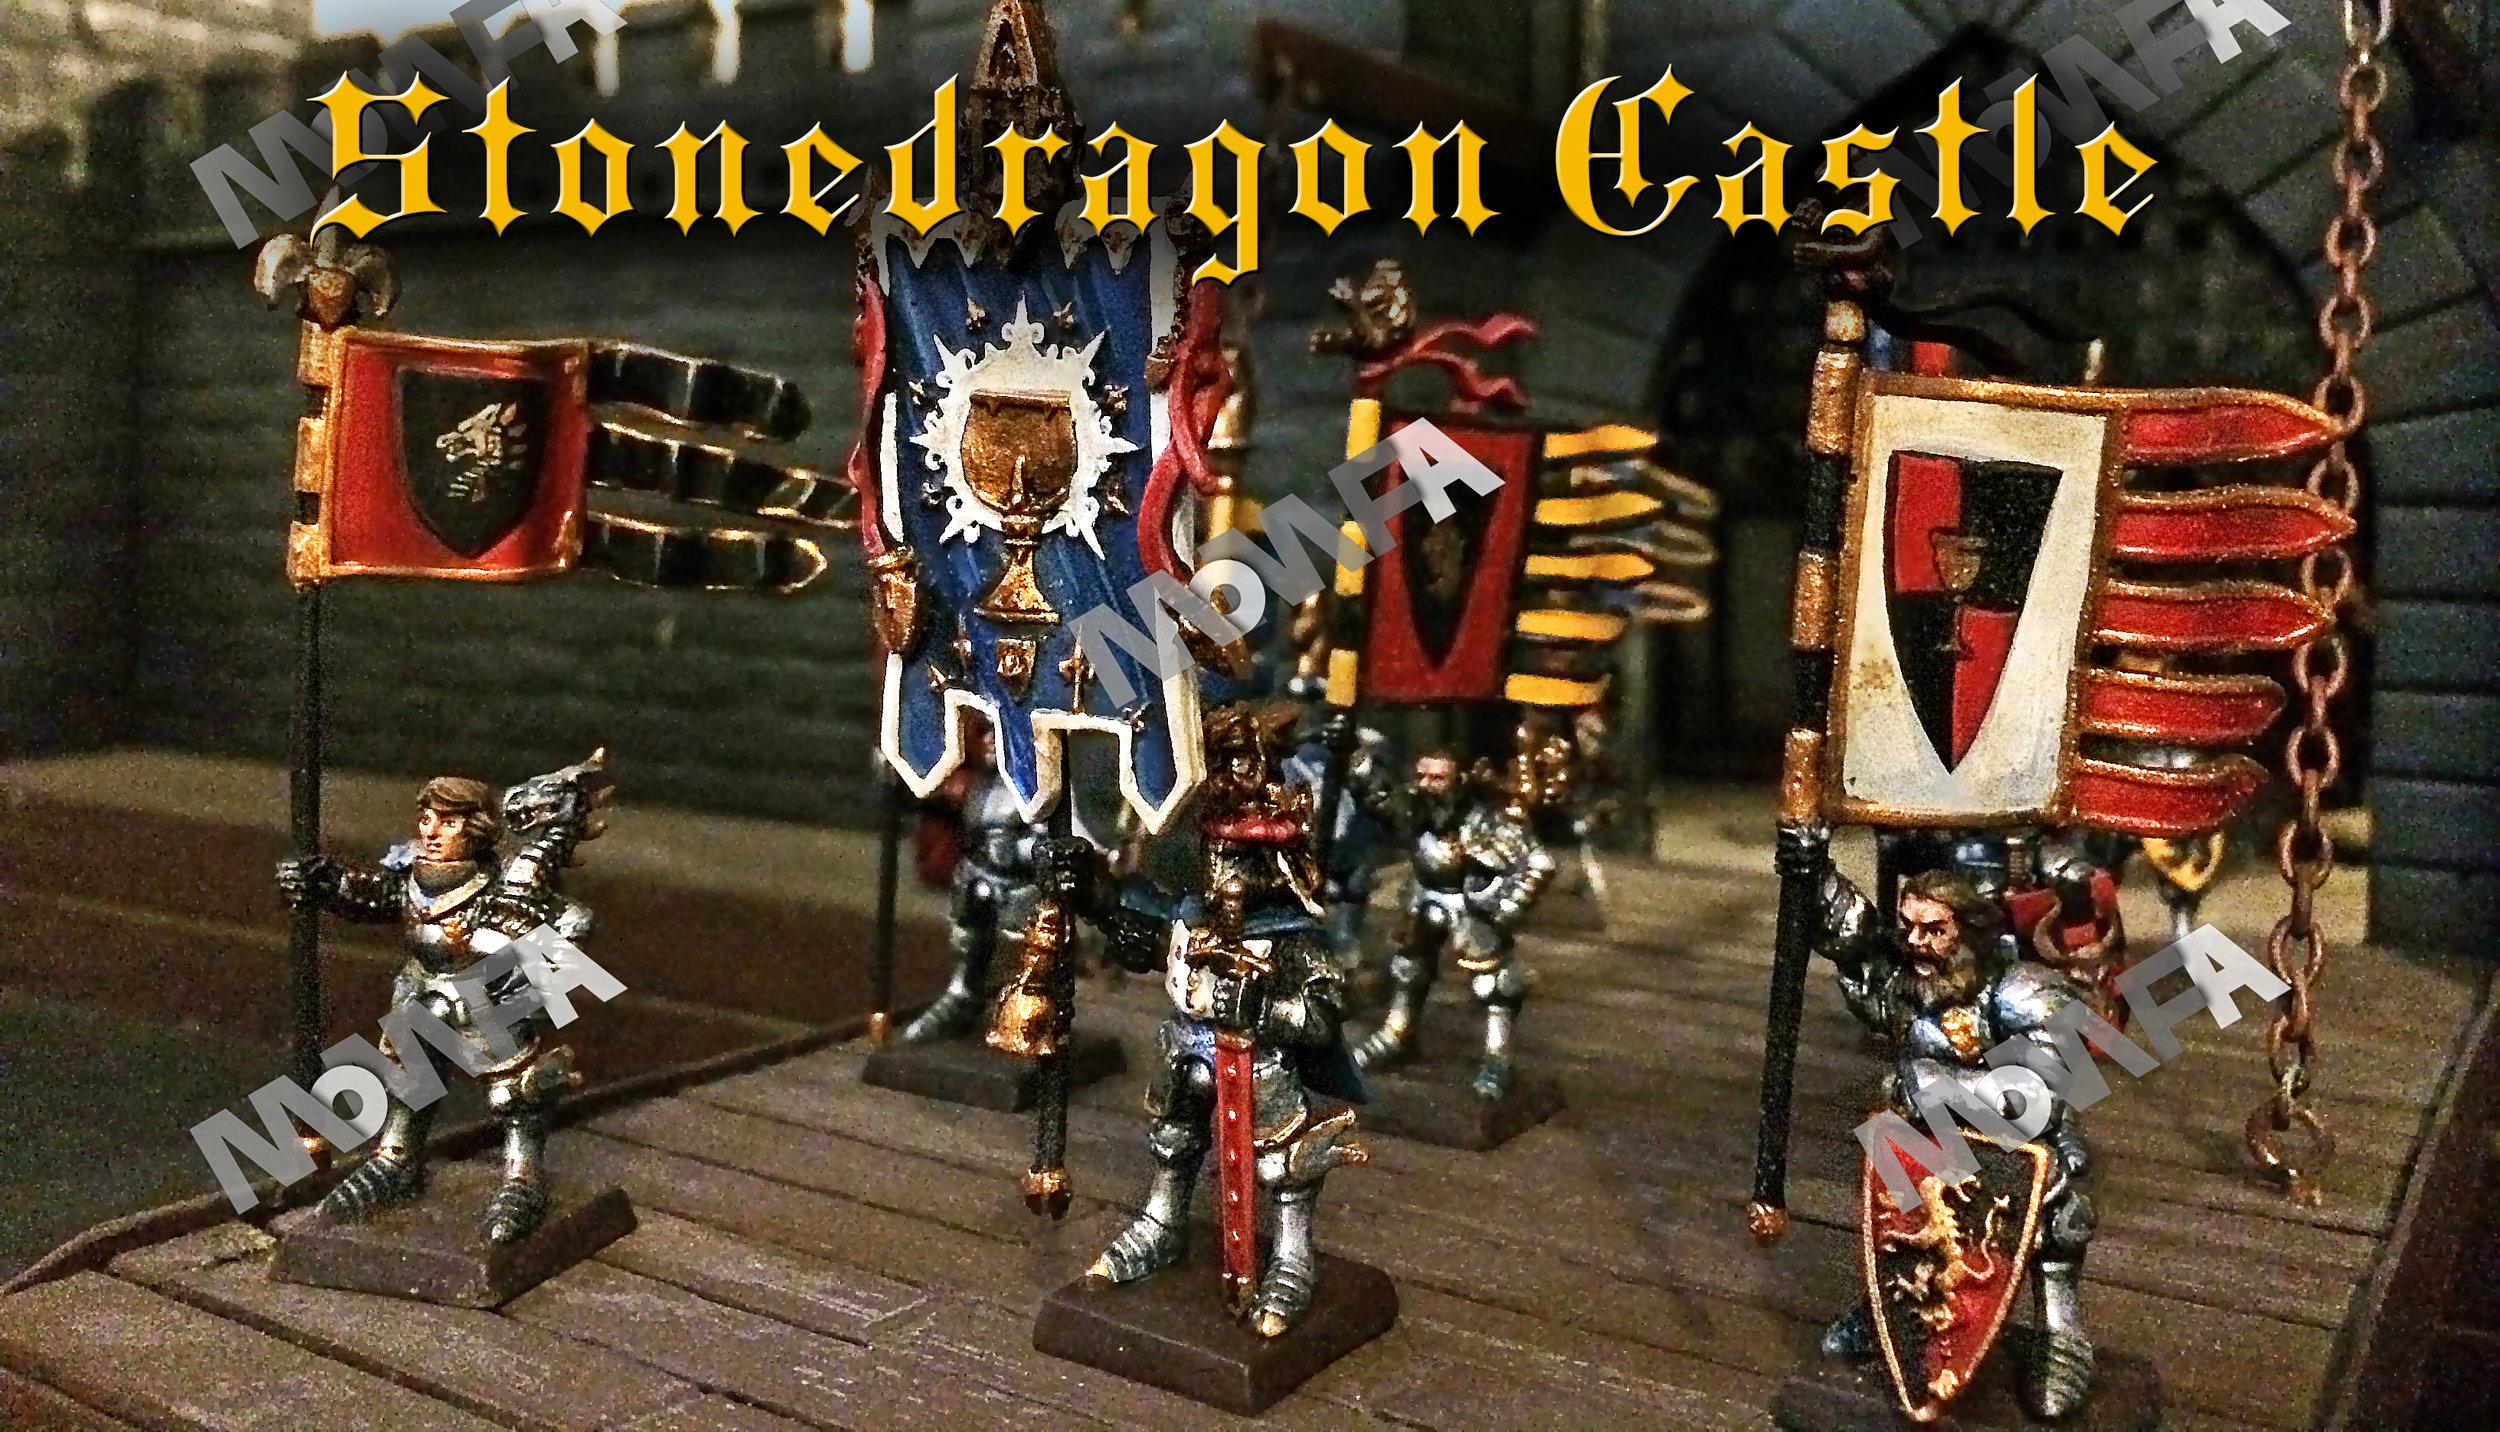 Stonedragon Castle banner.jpg